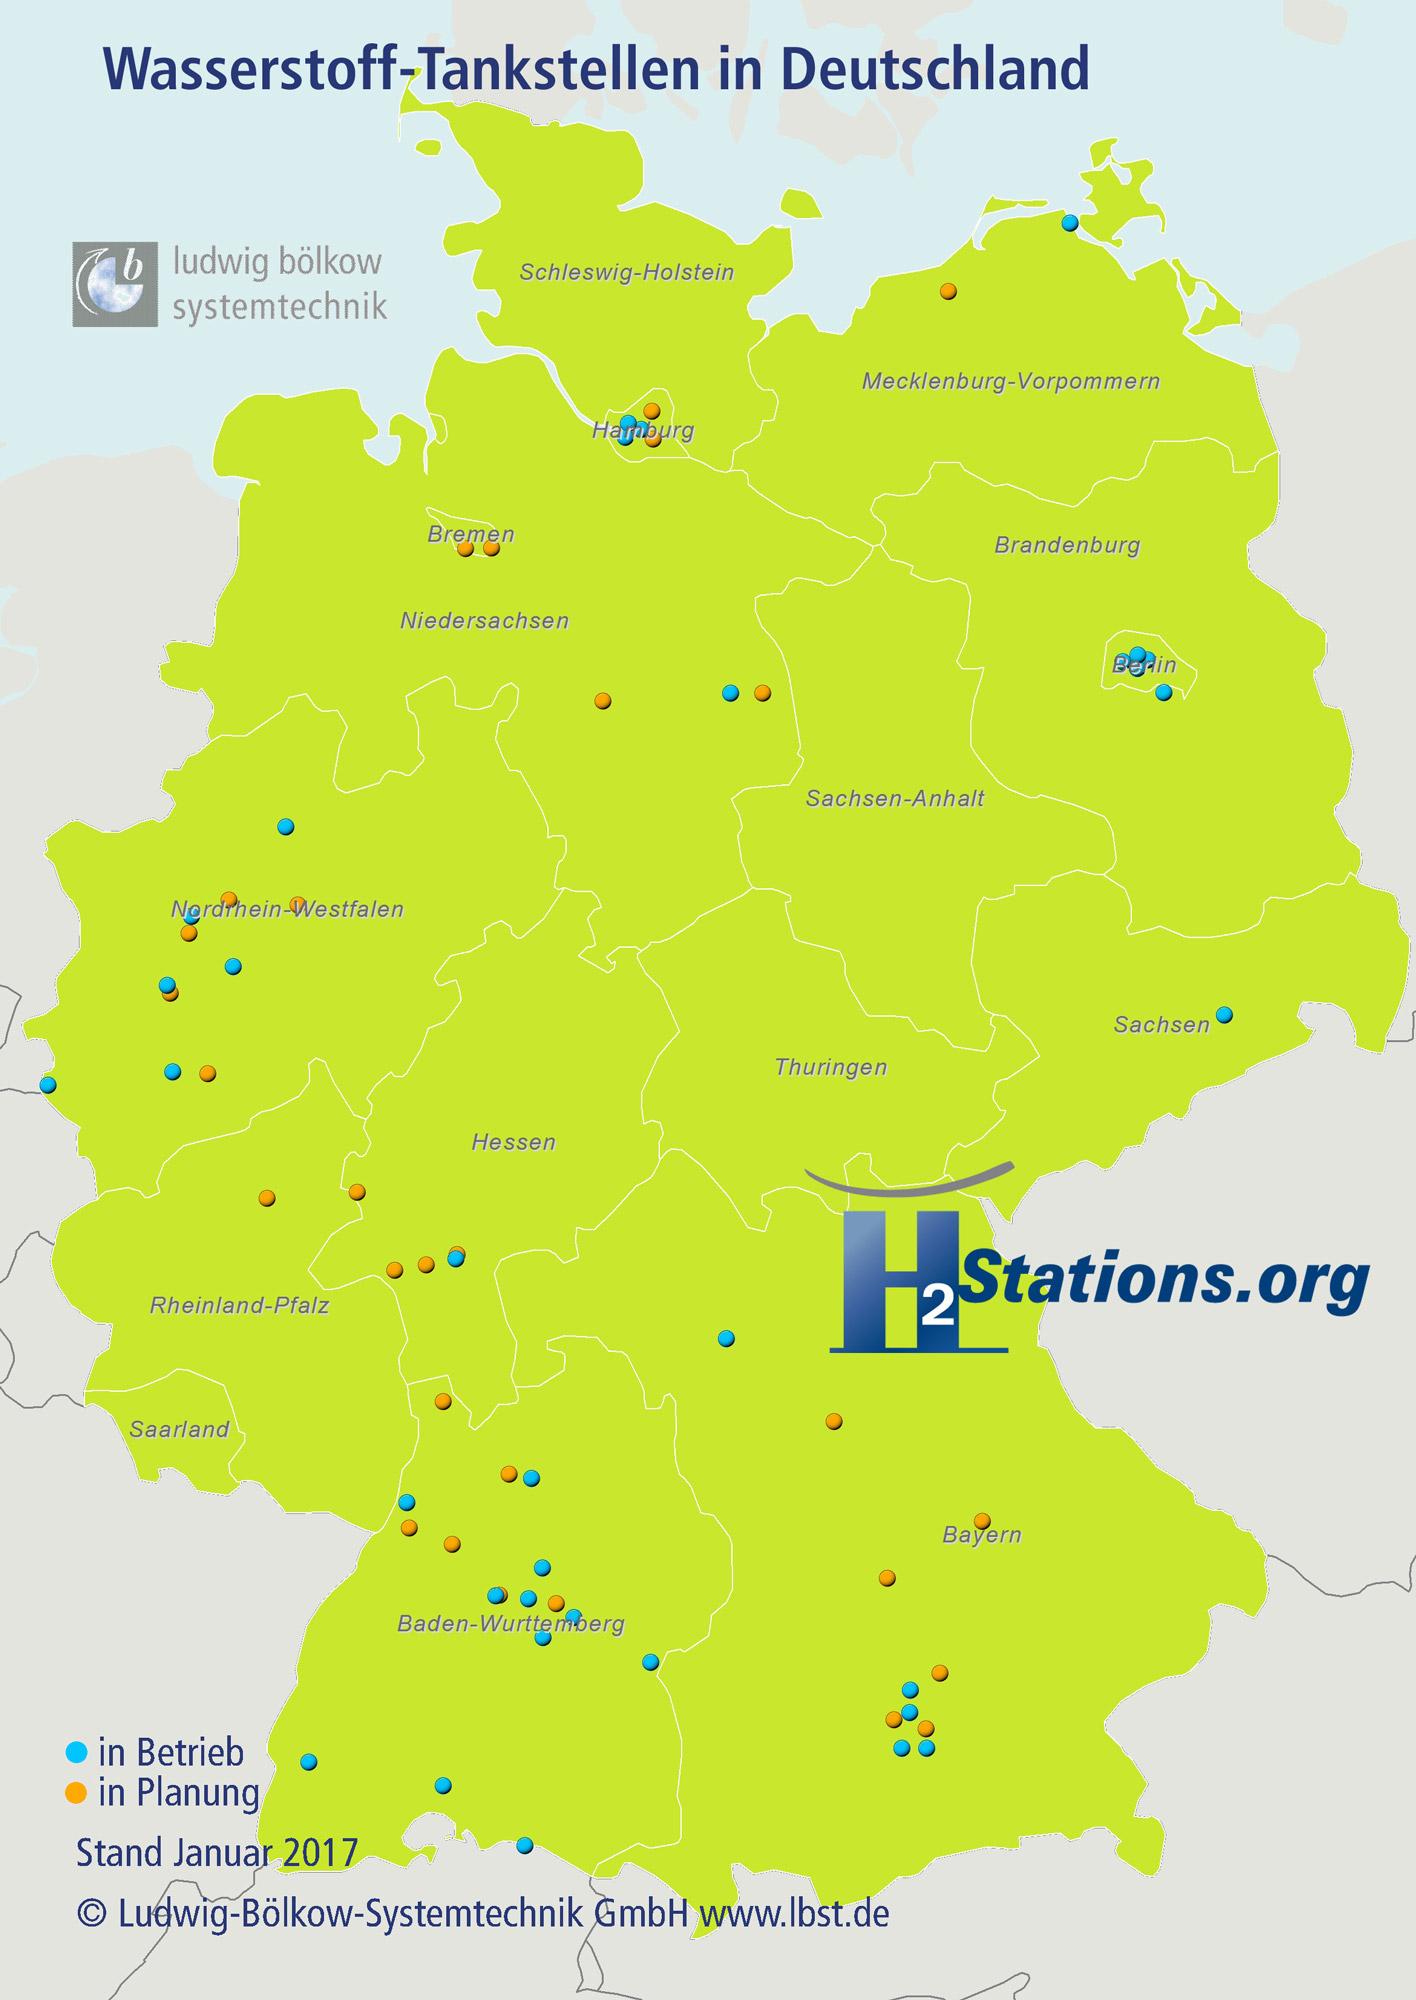 Wasserstoff-Elektroauto-Tankstellen-Deutschland-2017